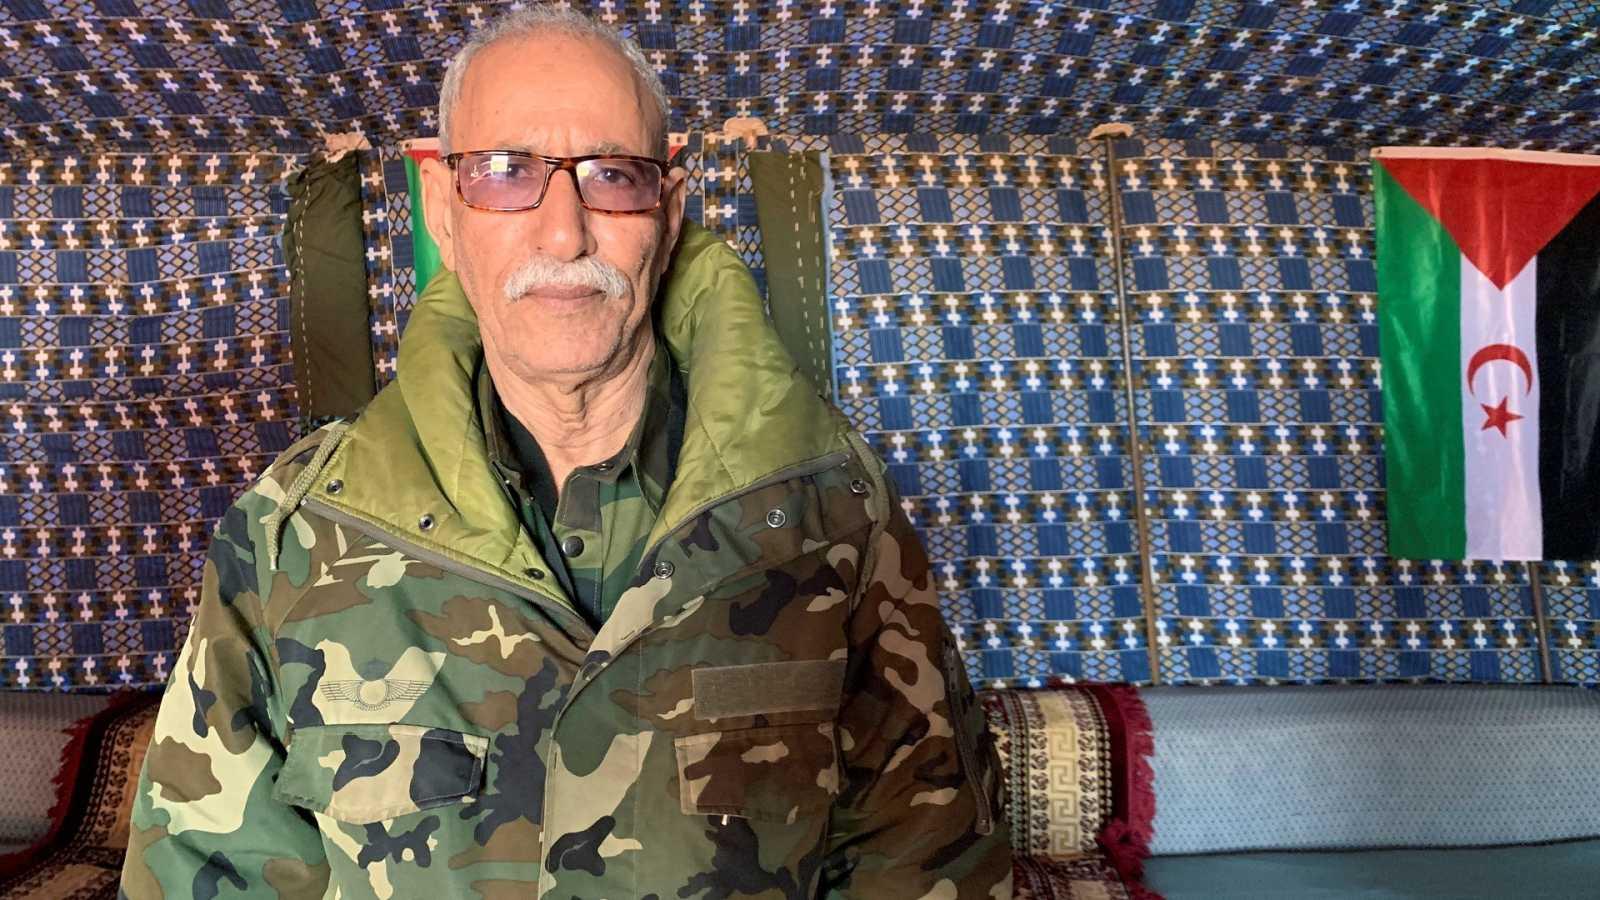 Brahim Ghali, líder del Frente Polisario, se encuentra ingresado en un hospital en España